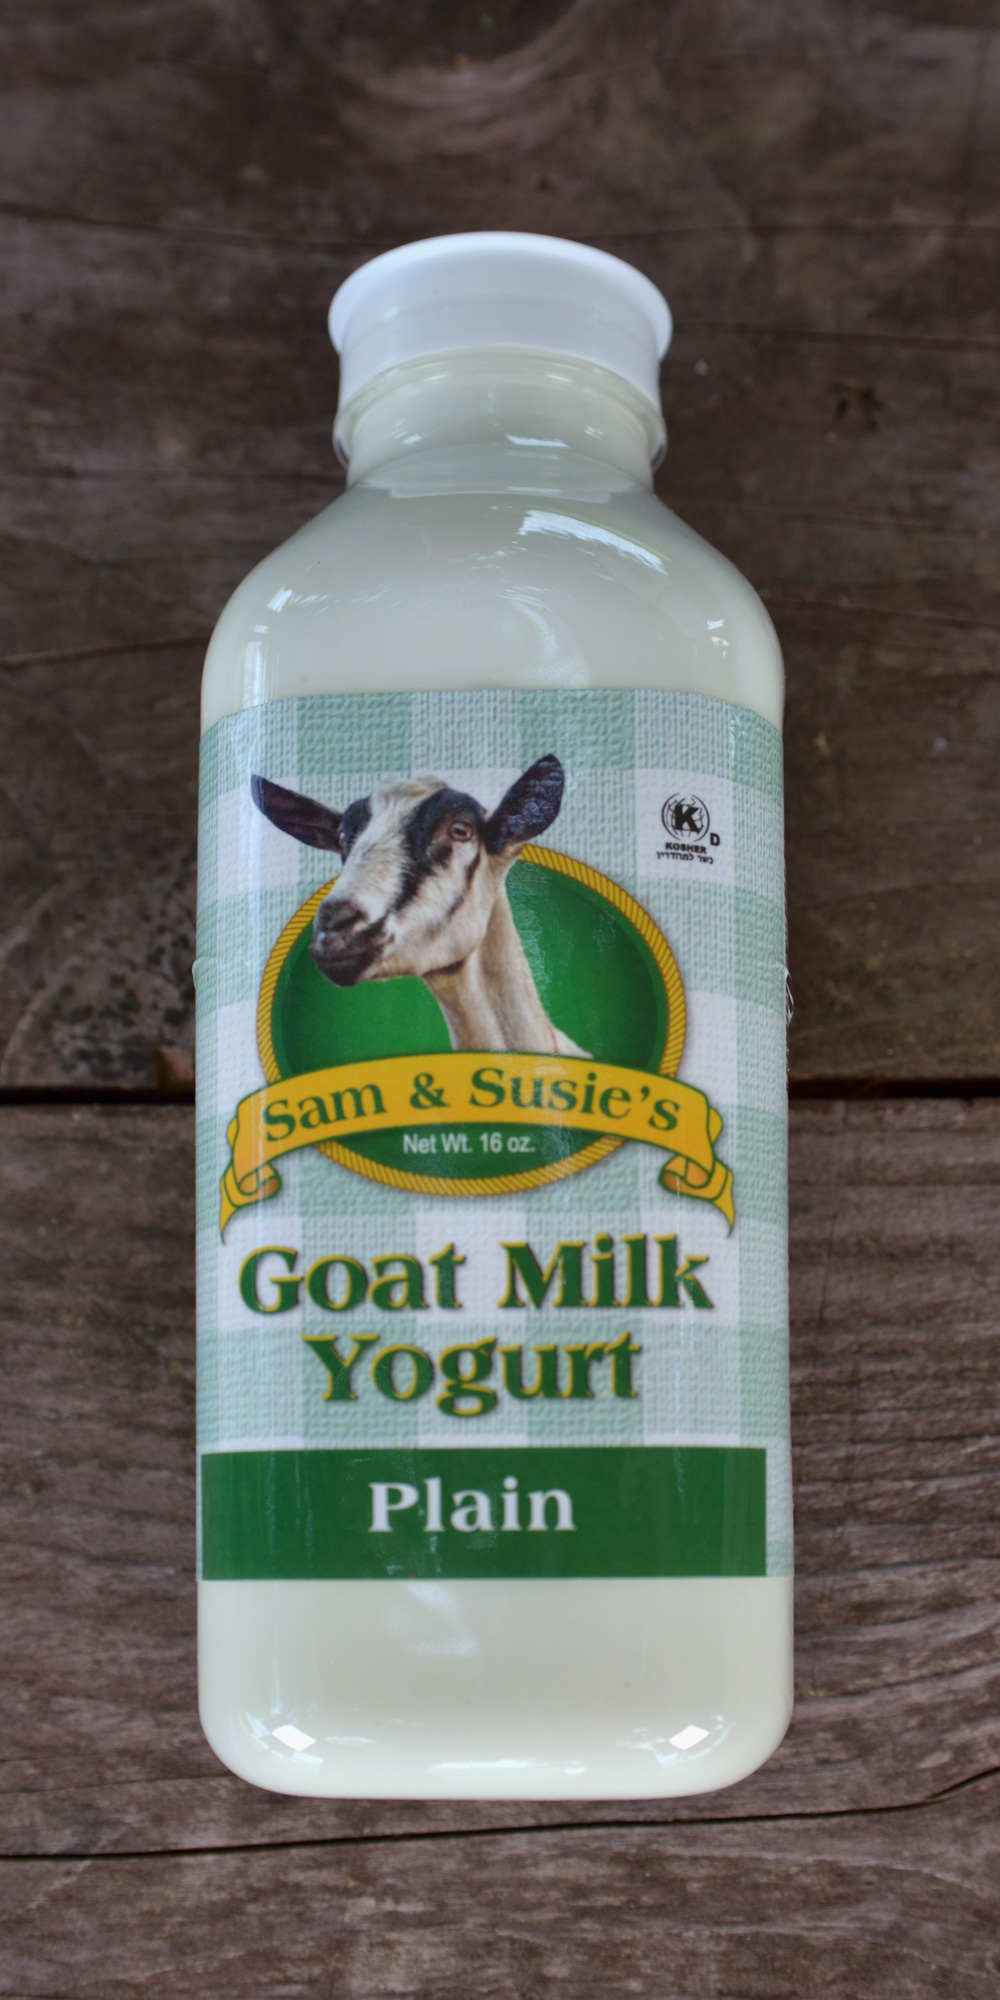 yogurt_plain.jpg